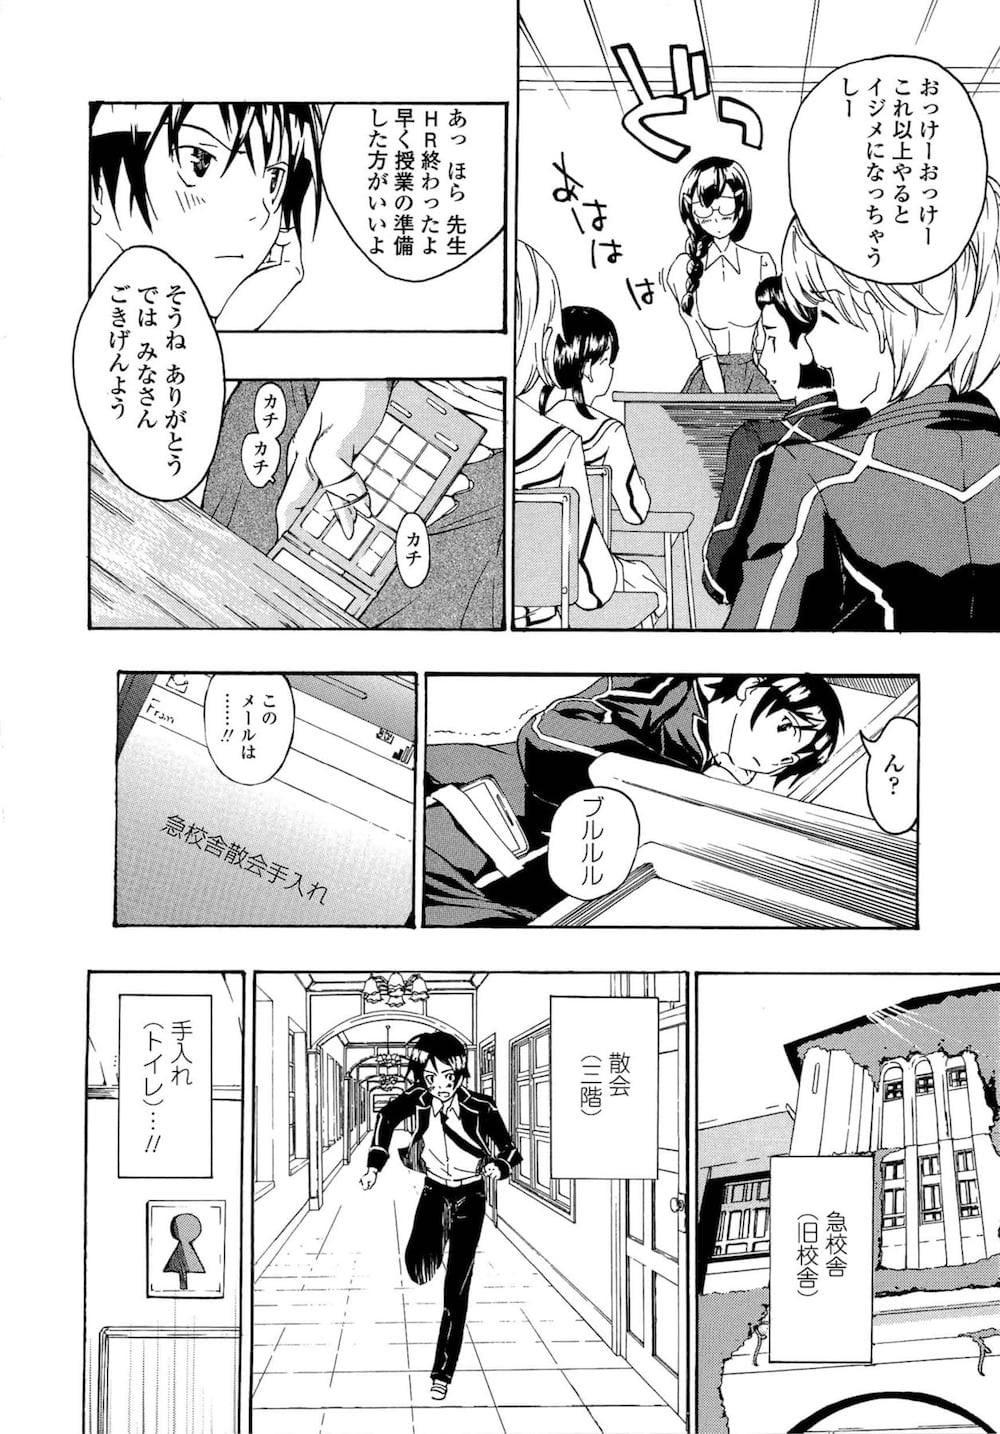 【エロ漫画・同人誌】教室では大人しいフリをしている担任の女教師と校長室で中出しセックス♪ 003